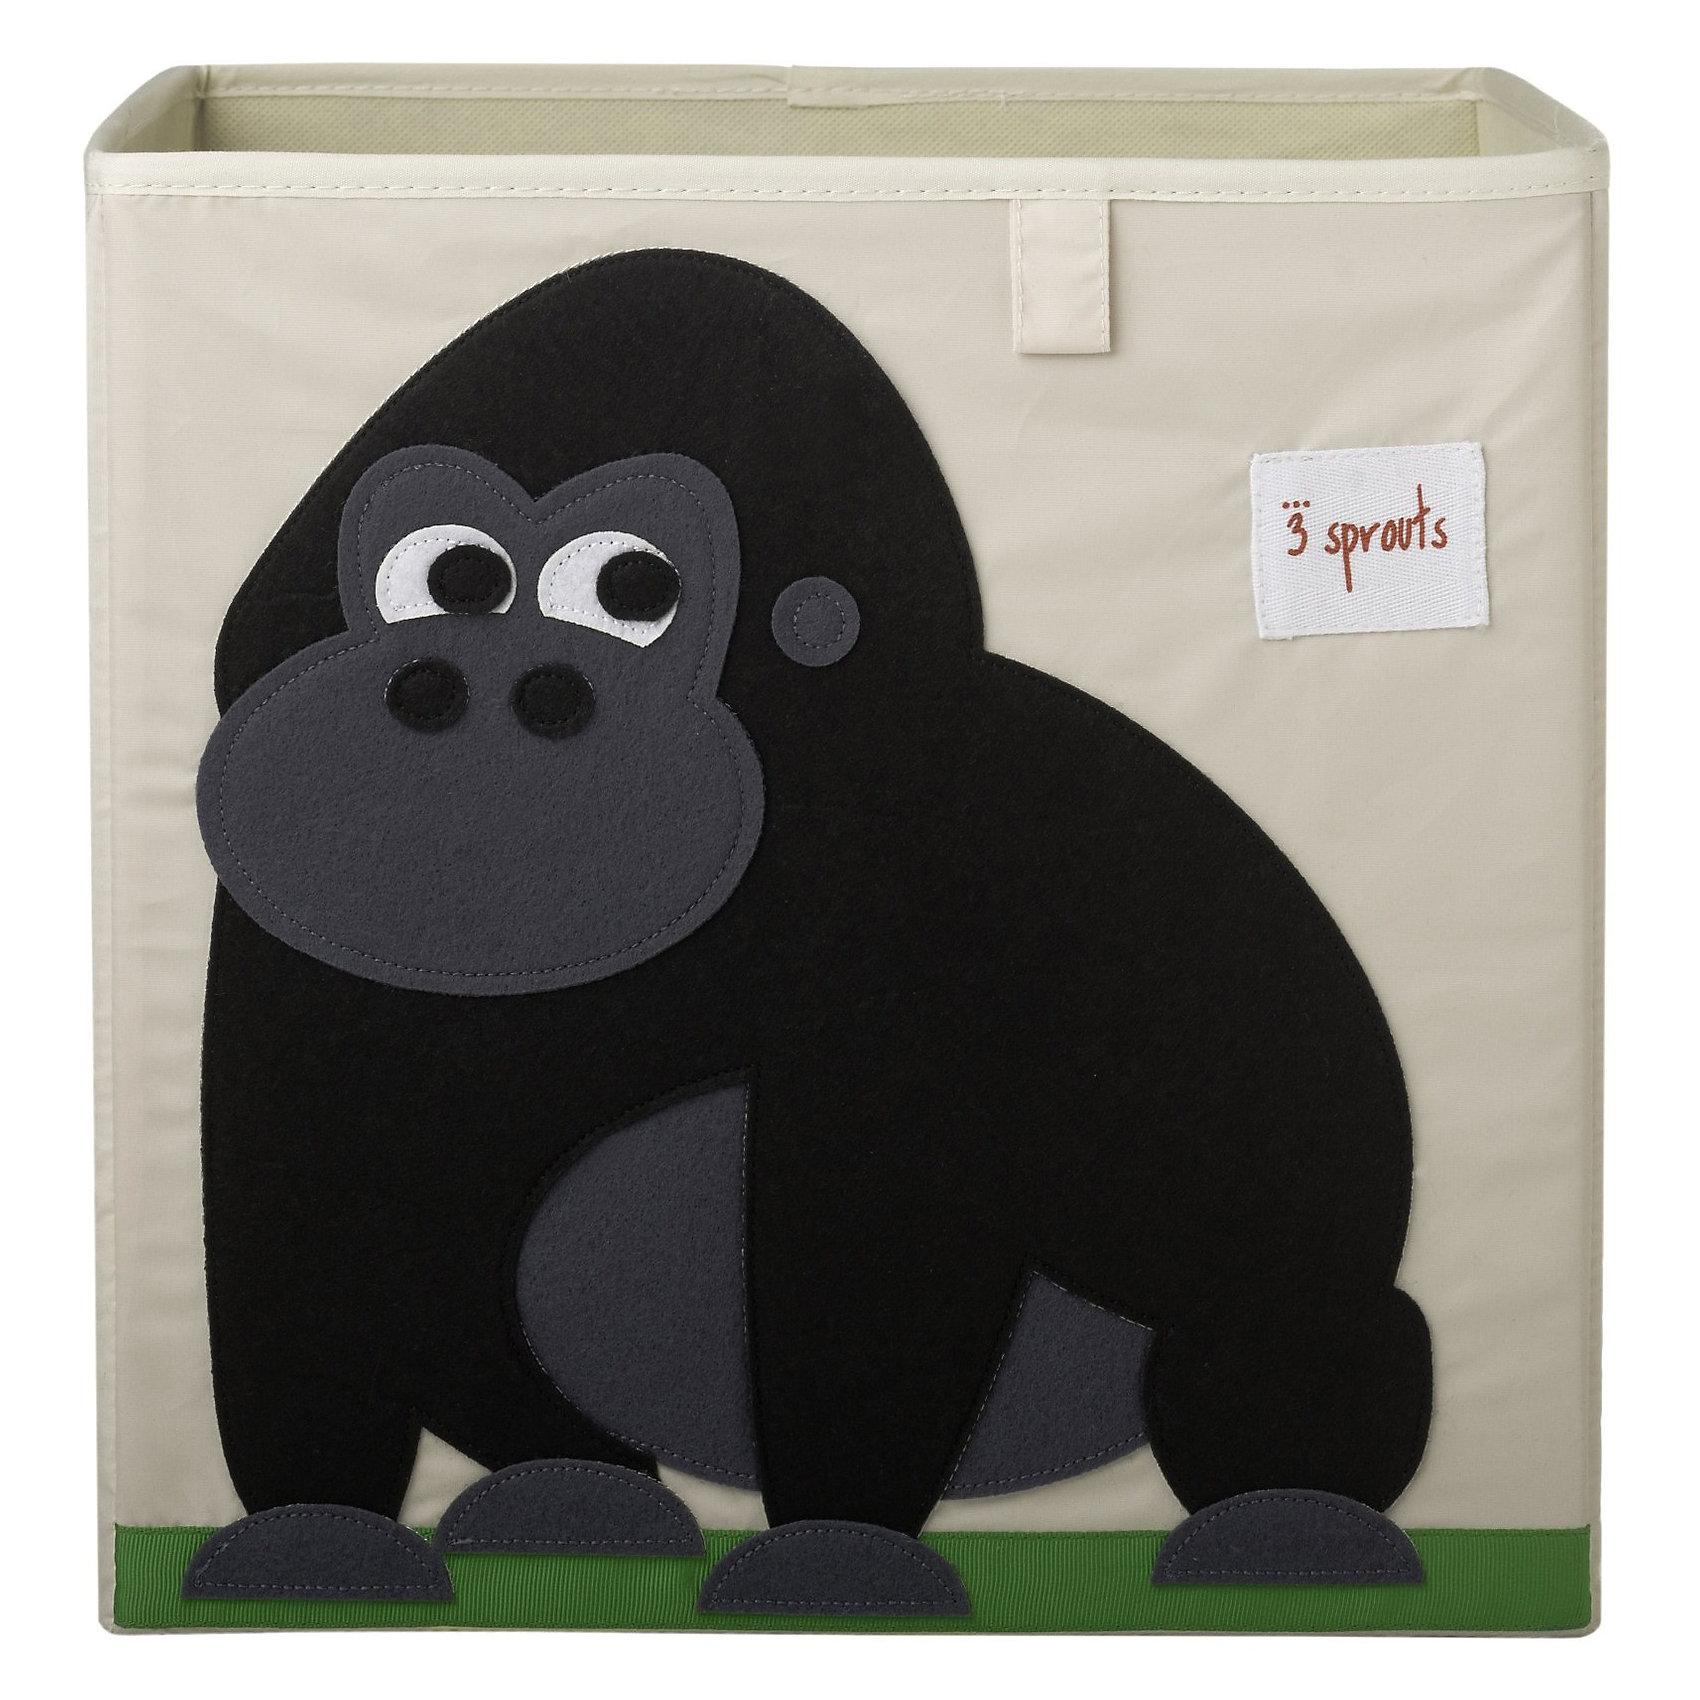 Коробка для хранения Горилла (Black Gorilla), 3 SproutsКрасивая коробка - это не только место для хранения вещей, но и прекрасный декор любой комнаты.<br><br>Дополнительная информация:<br><br>- Размер: 33x33x33 см.<br>- Материал: полиэстер.<br>- Орнамент: Горилла.<br><br>Купить коробку для хранения Горилла (Black Gorilla), можно в нашем магазине.<br><br>Ширина мм: 330<br>Глубина мм: 20<br>Высота мм: 330<br>Вес г: 830<br>Возраст от месяцев: 6<br>Возраст до месяцев: 84<br>Пол: Унисекс<br>Возраст: Детский<br>SKU: 5098224